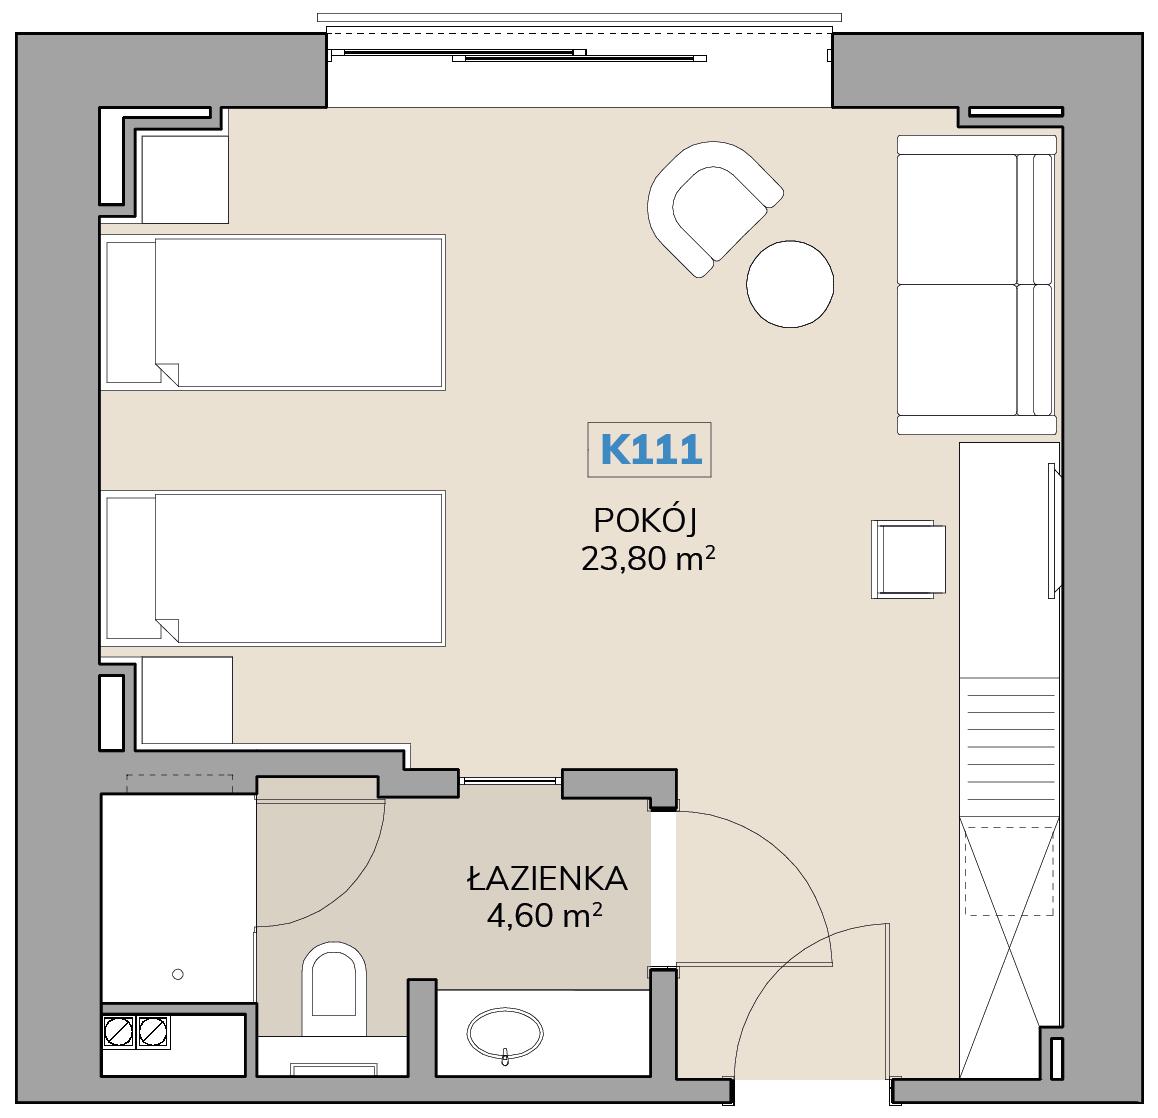 Apartament K111